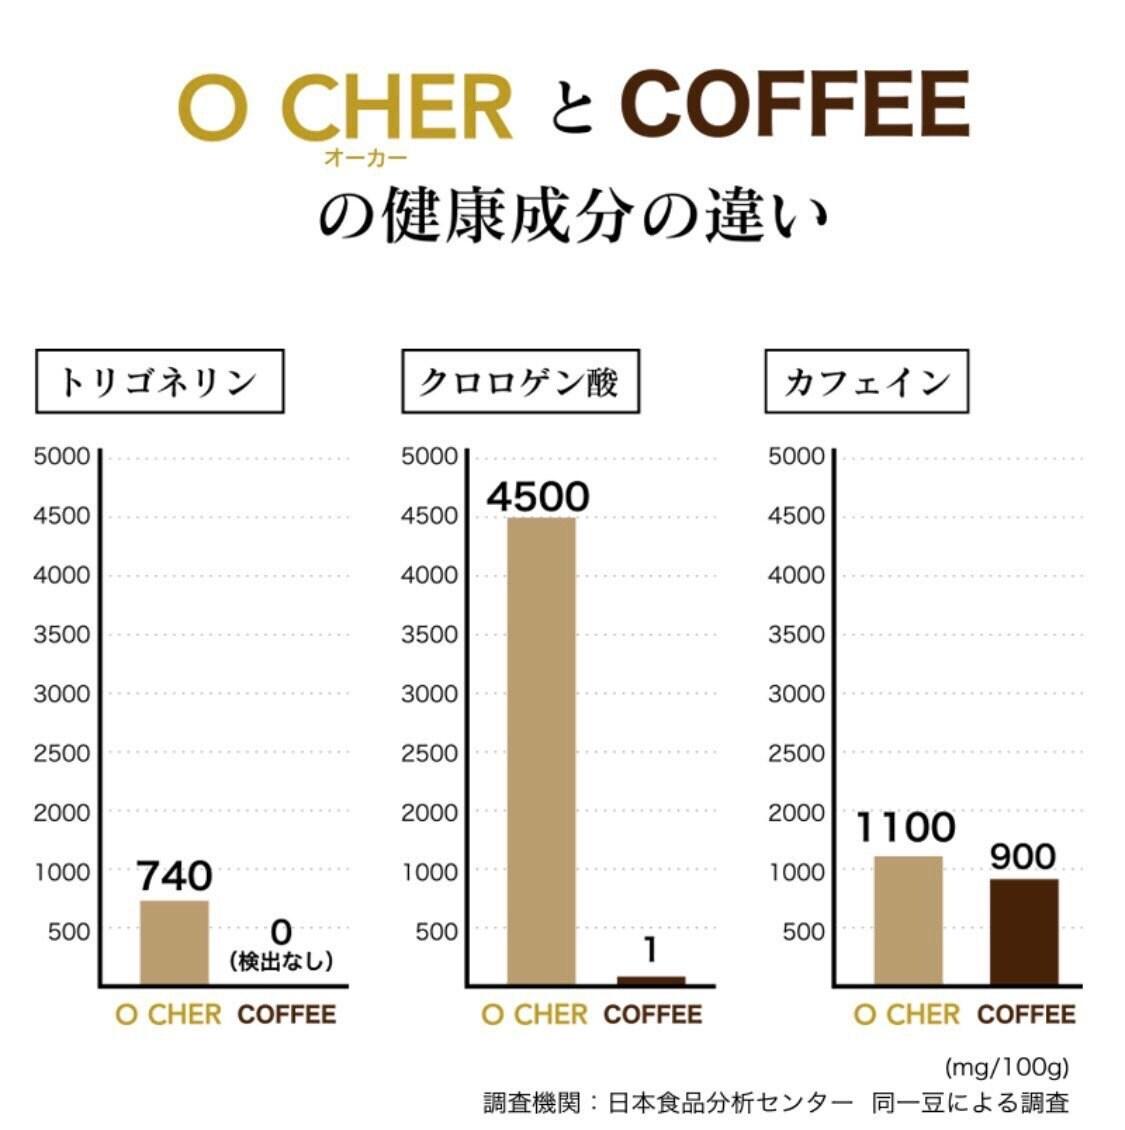 【イベント】白いコーヒー豆飲料焙煎研究者に会いにいこう会のイメージその5